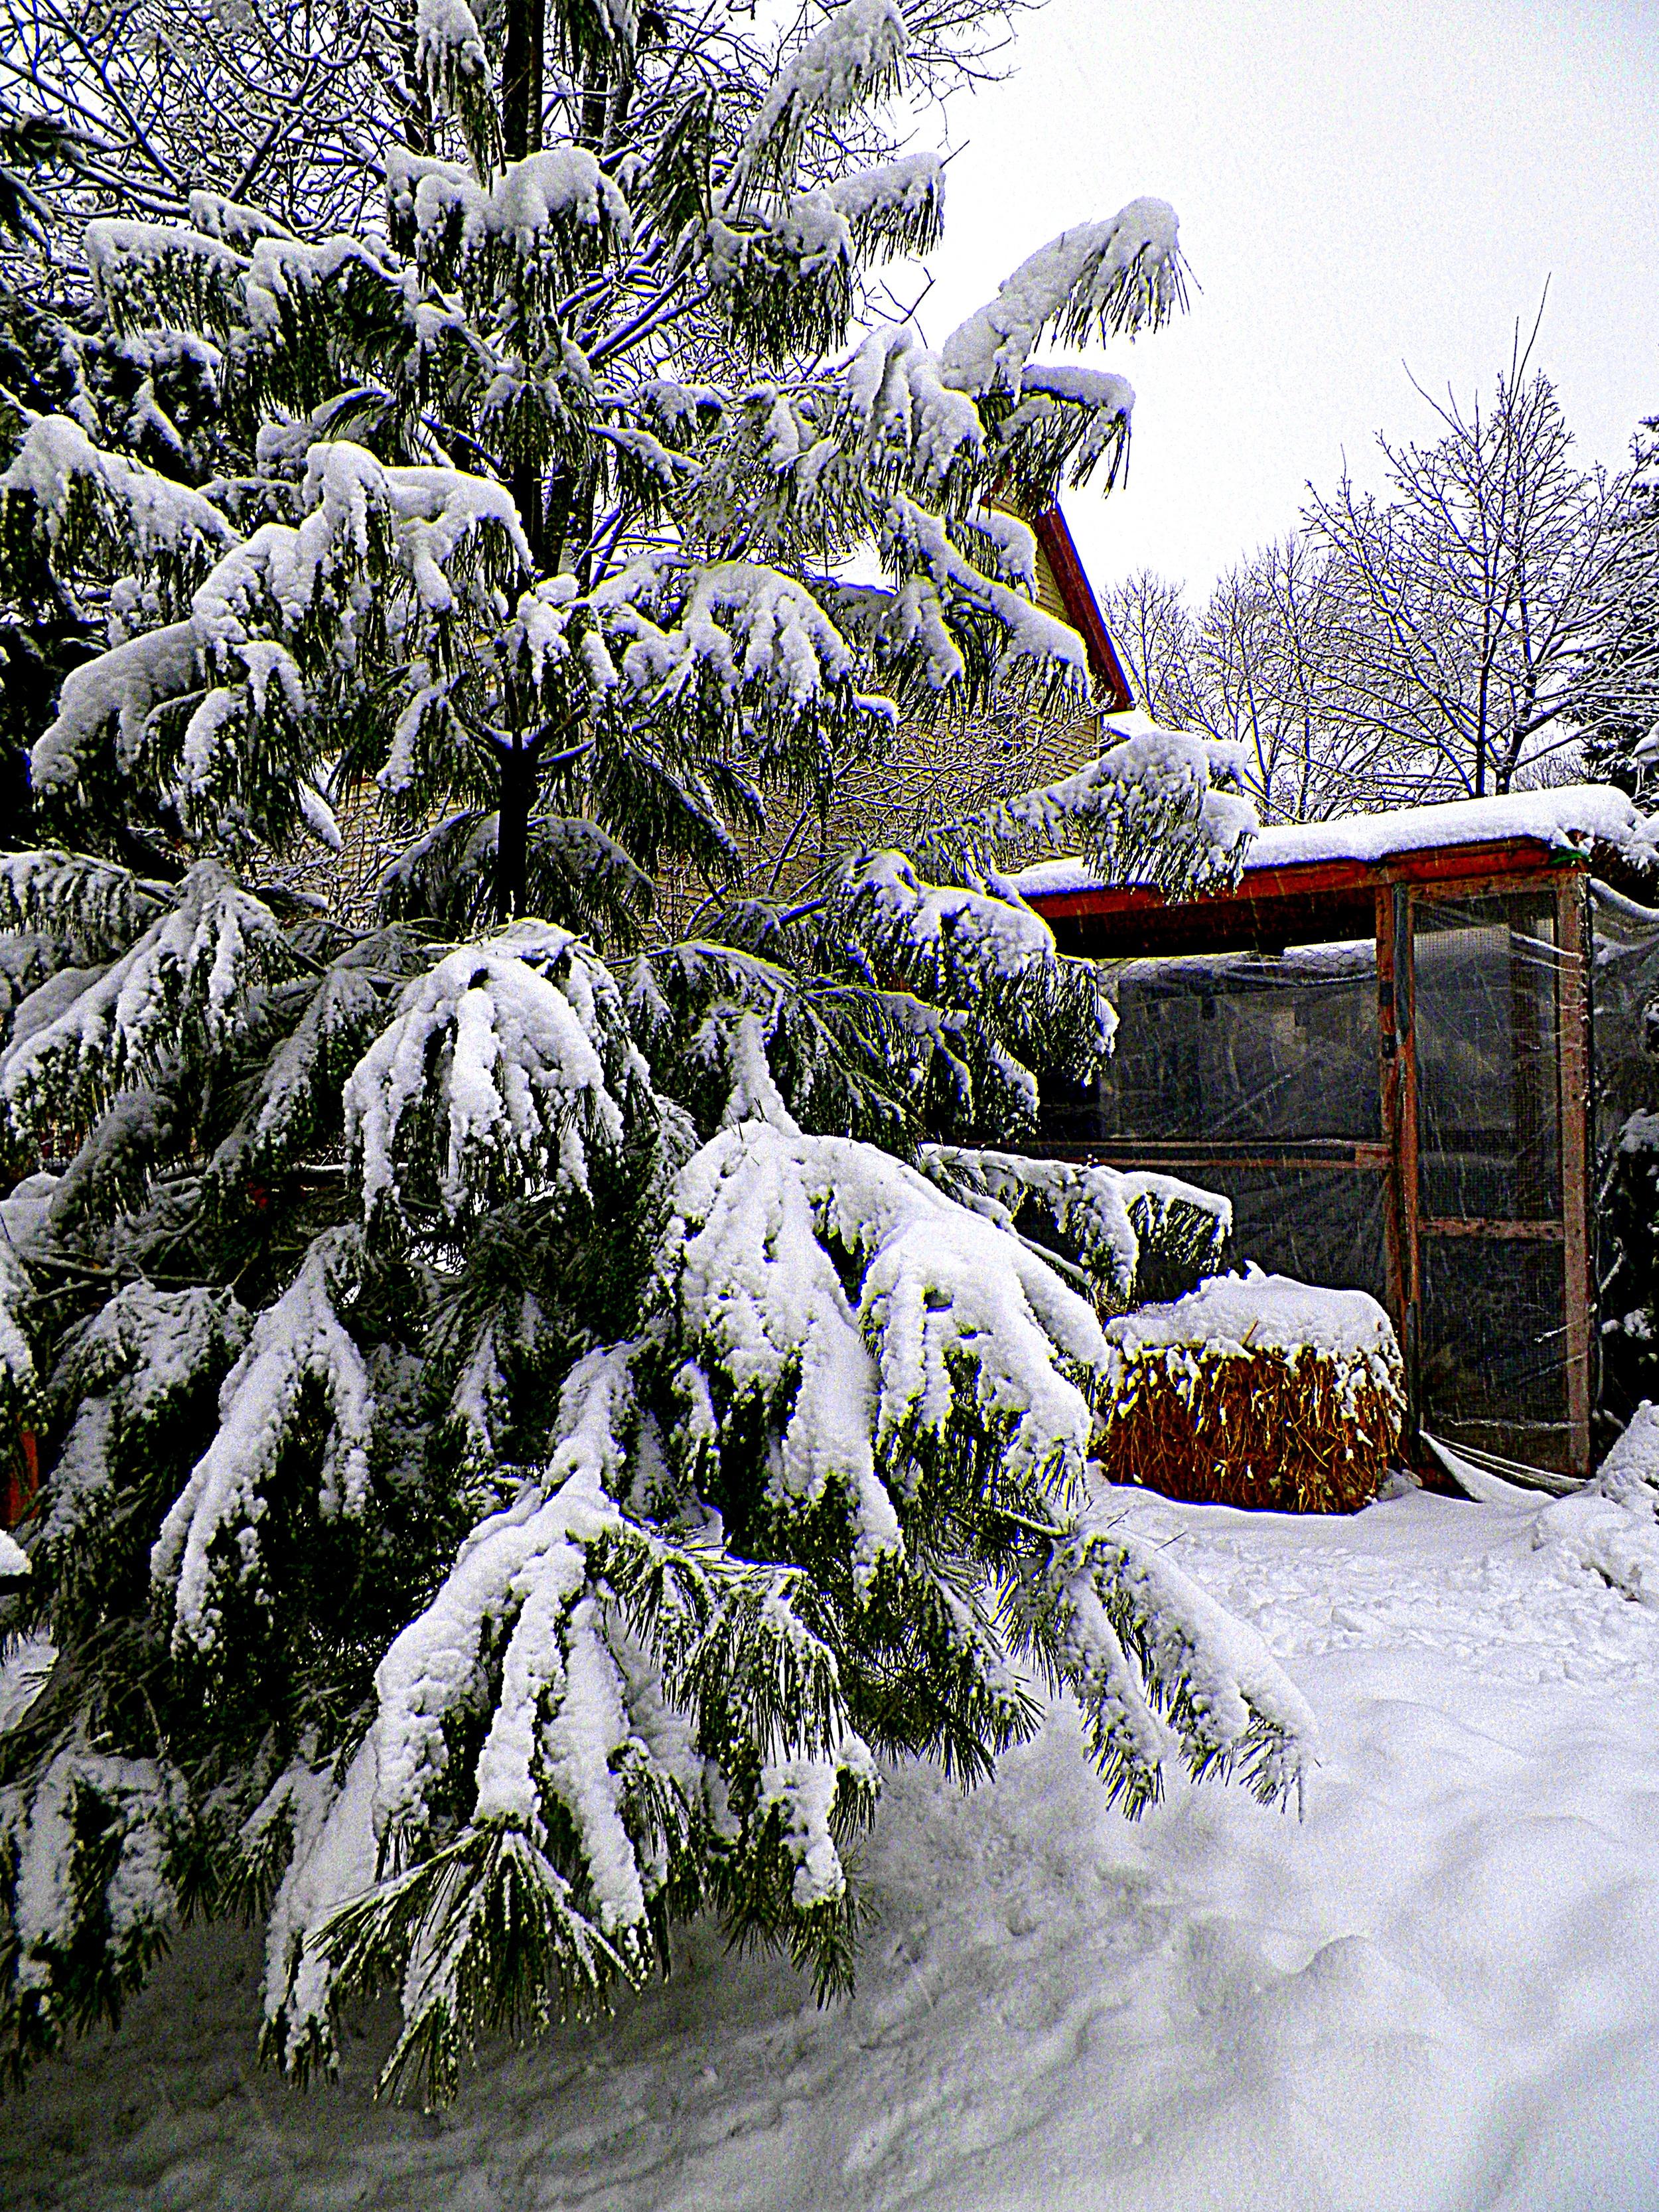 snow duck coop  2-7-13.JPG